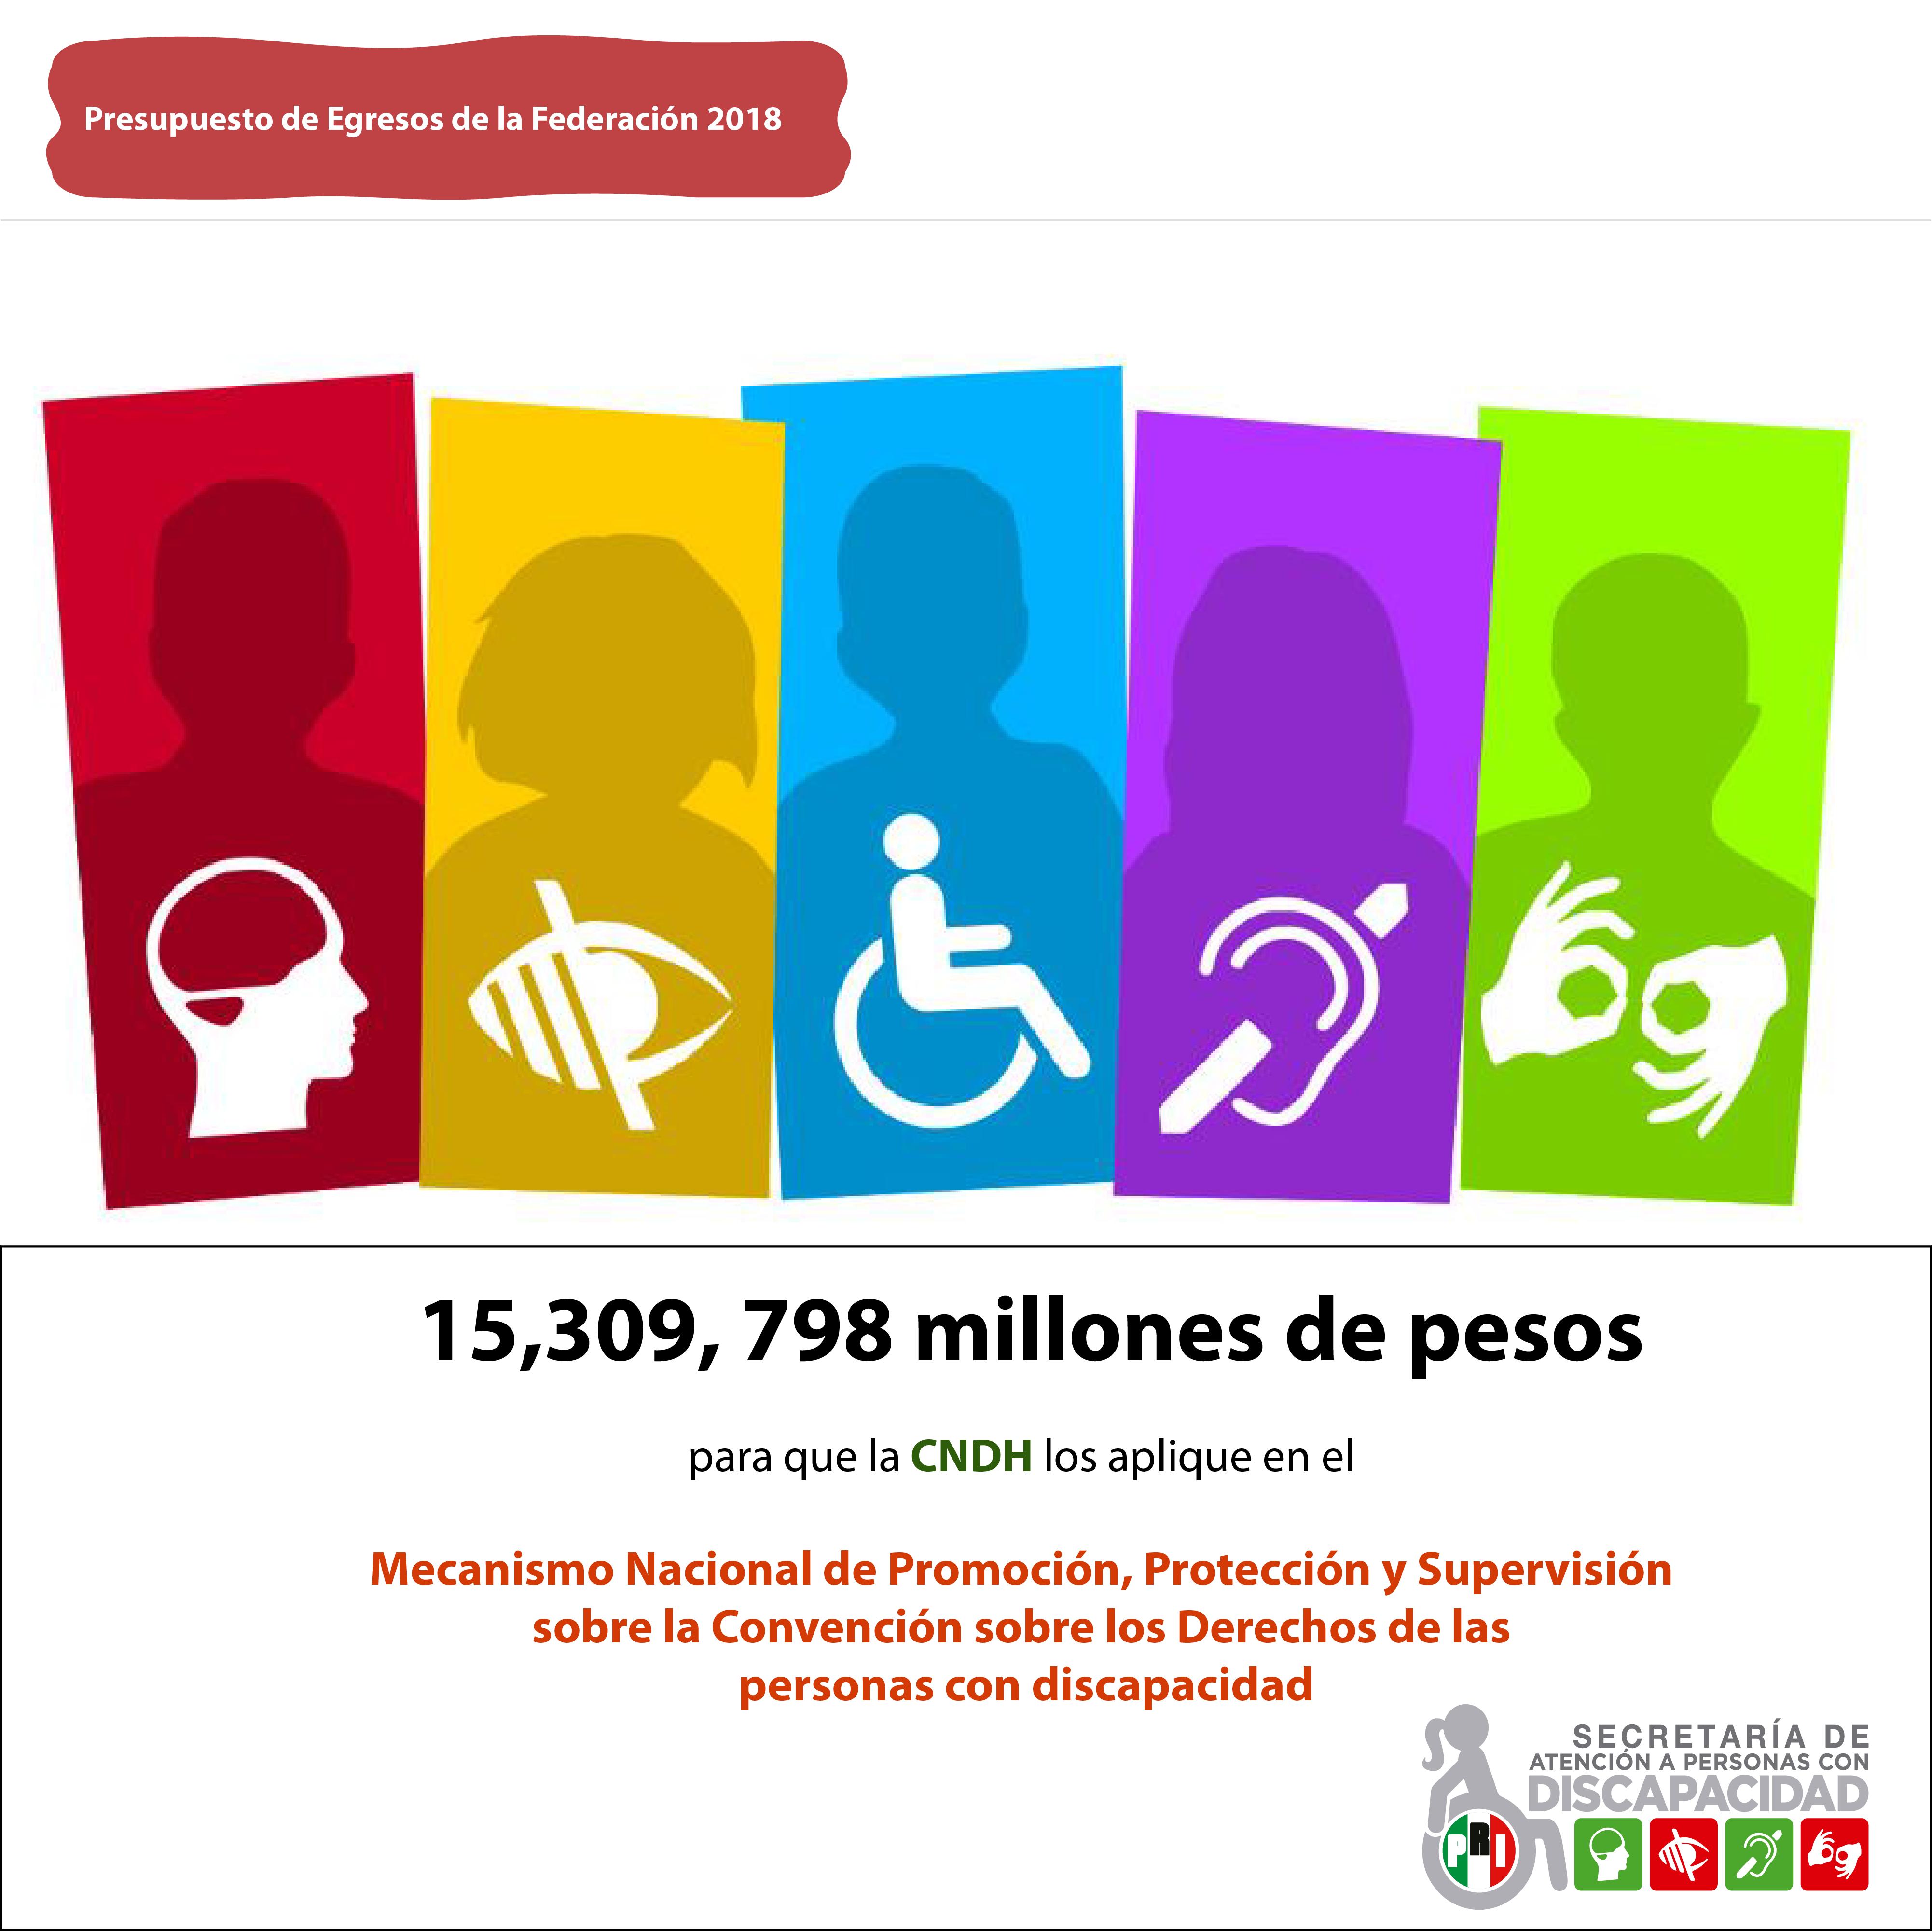 En el Presupuesto de Egresos de la Federación la Atención a Personas con Discapacidad, es una prioridad de...